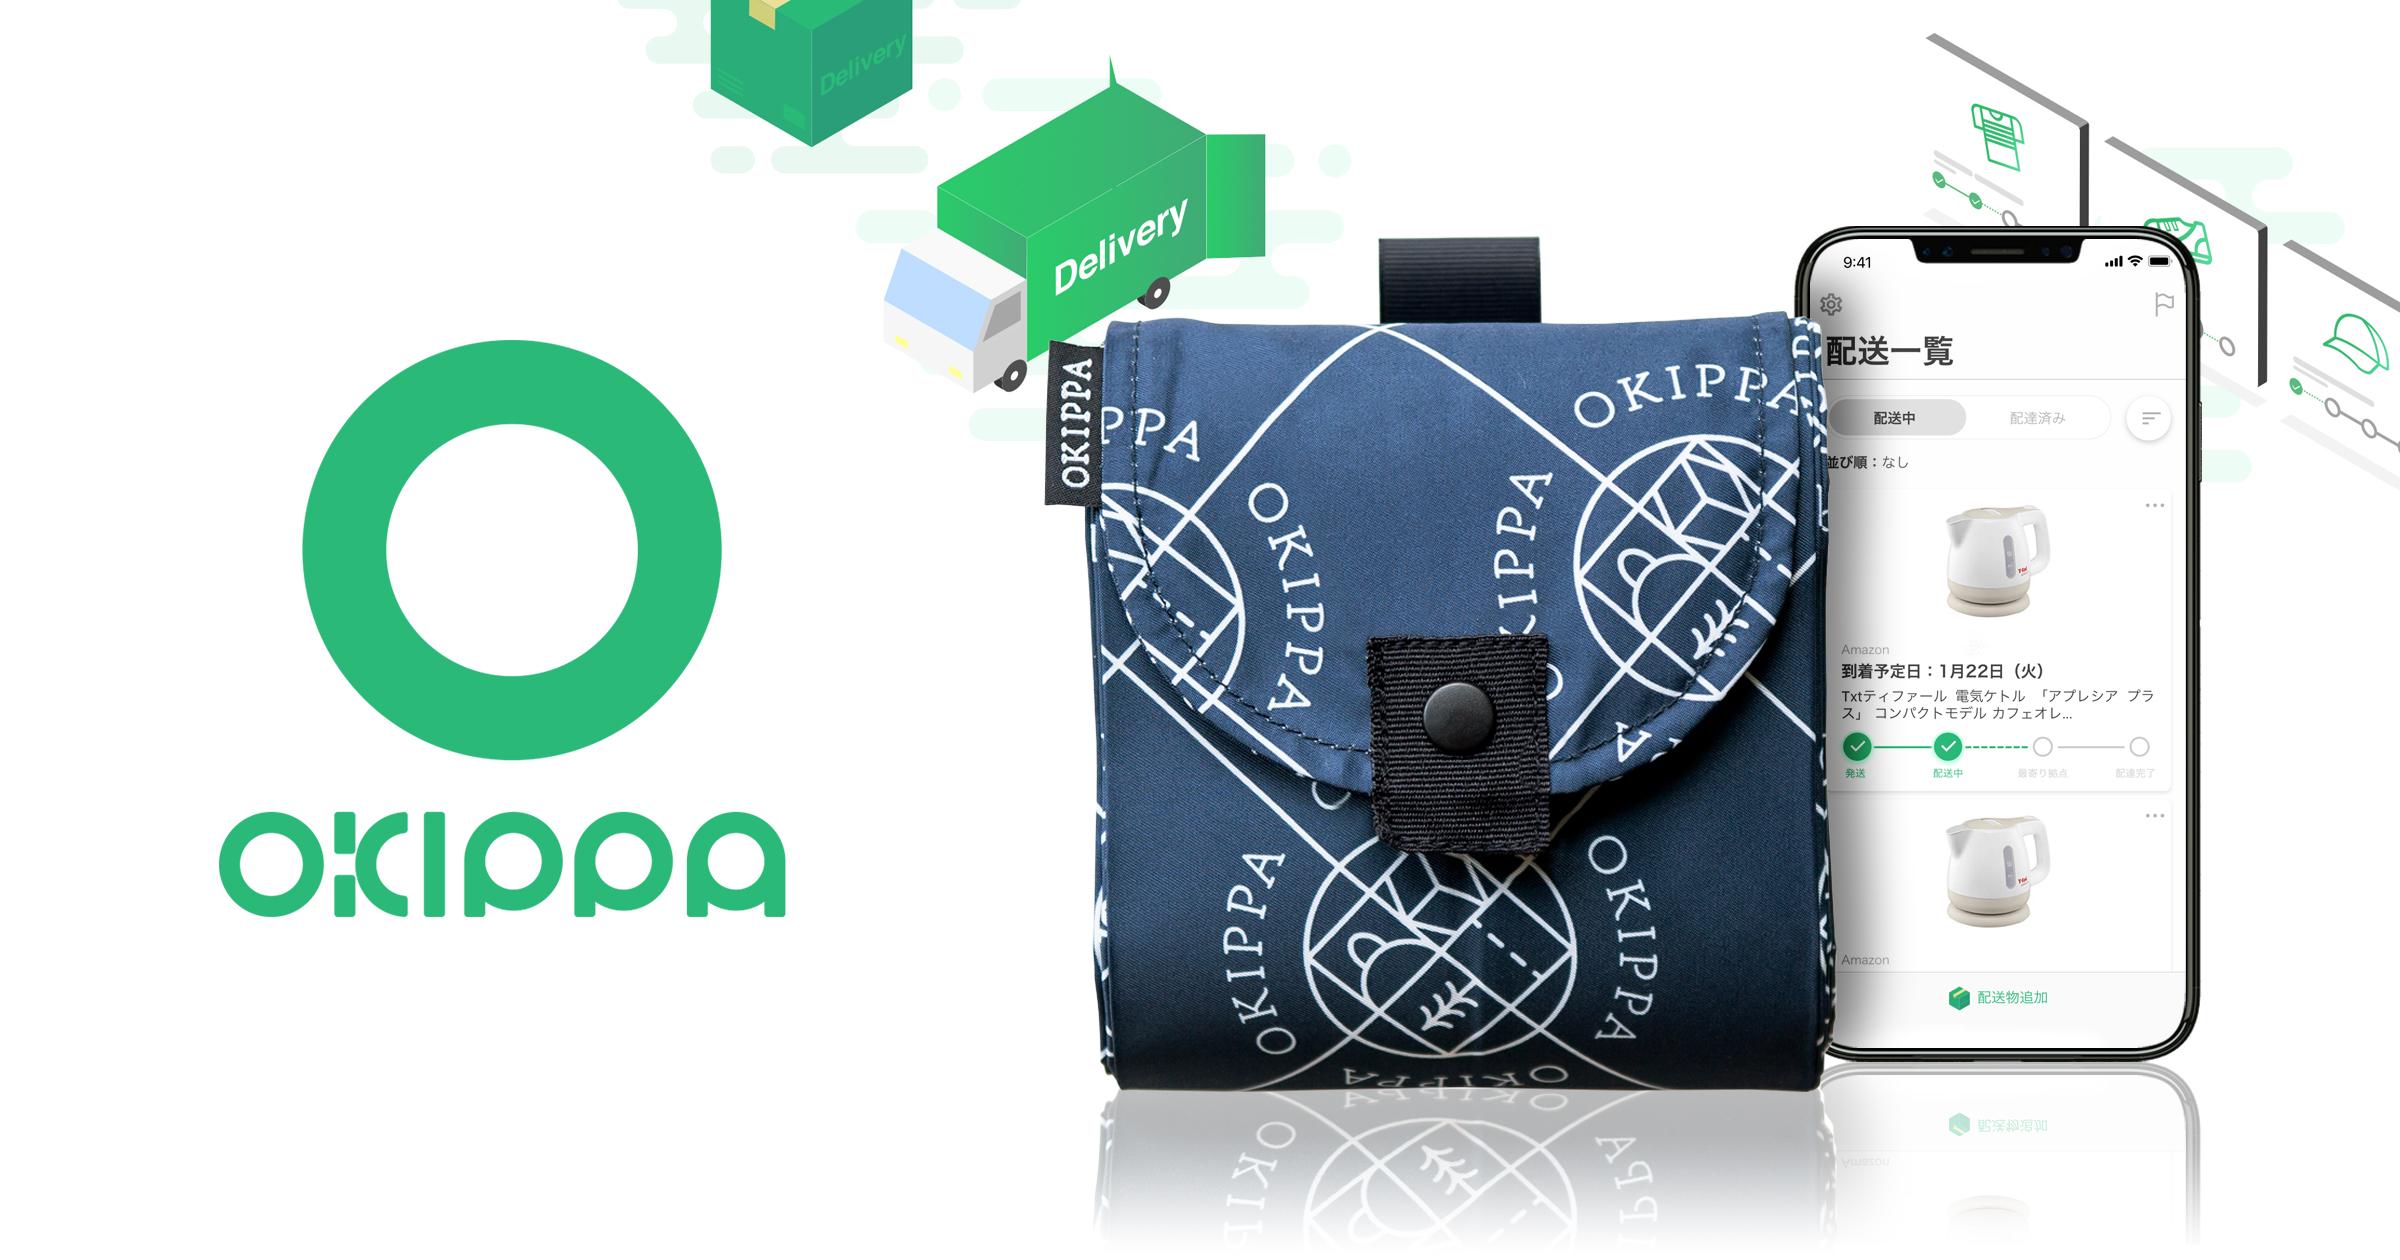 プロダクトディレクター(OKIPPA事業担当)